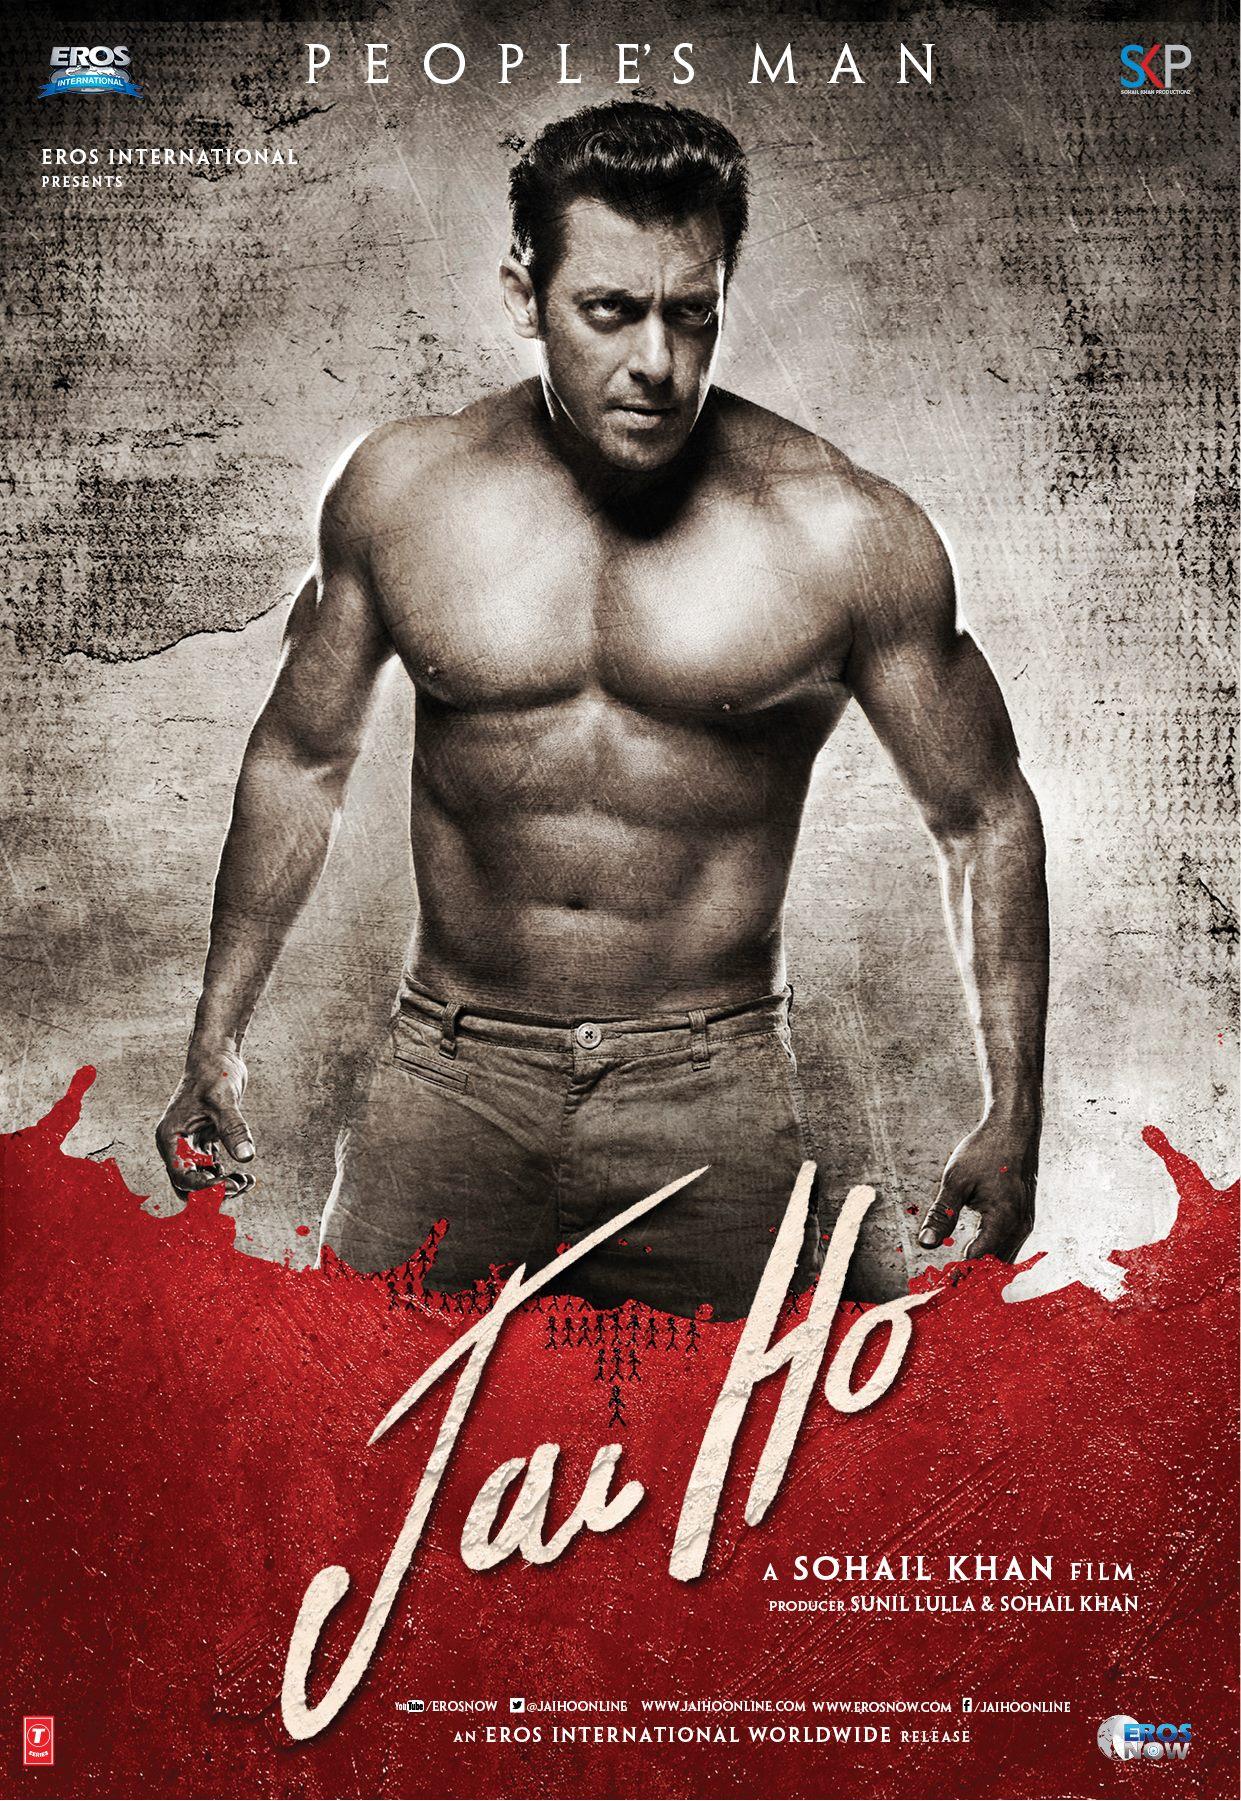 دانلود فیلم های هندی 2014,دانلود فیلم های جدید هندی ,دانلود فیلم های هندی جدید ,دانلود فیلم های هندی جدید 2014,دانلود رایگان فیلم های هندی ,دانلود رایگان فیلم های هندی ,دانلود رایگان فیلم های هندی 2014,دانلود فیلم های هندی 2014 با لینک مستقیم ,دانلود رایگان فیلم های هندی 2014 با لینک مستقیم ,A.R. Murugadoss,Dilip Shukla, Jai Ho (2014),Jai Ho (2014) free download , movie download , movie free download , movie free download with direct link ,Pulkit Samrat,Salman Khan, Sohail Khan , Tabu,دانلود رایگان فیلم,دانلود فیلم,دانلود فیلم Jai Ho (2014),دانلود فیلم با لینک مستقیم ,دانلود فیلم رایگان,